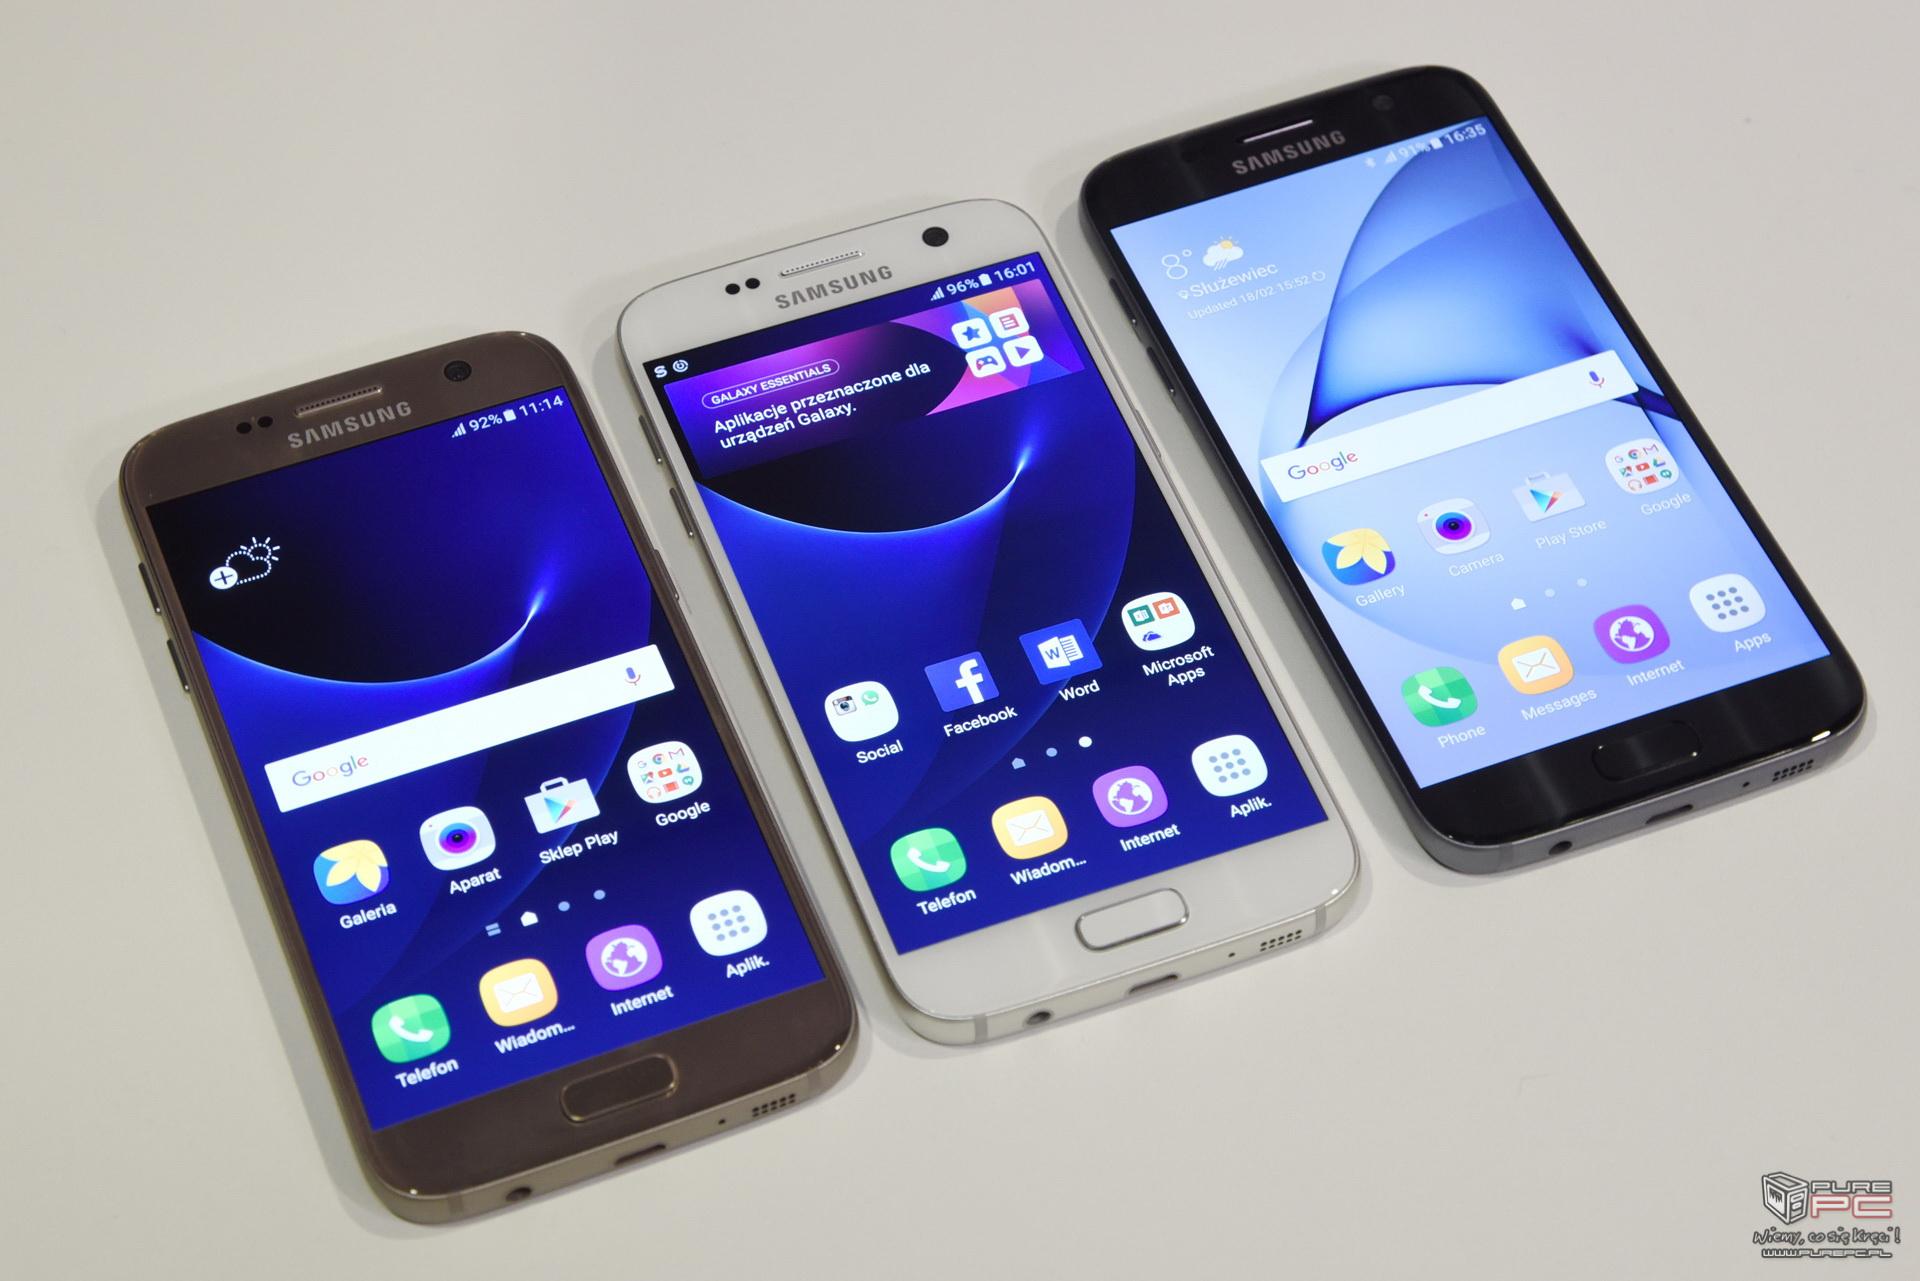 Galaxy S7 i Galaxy S7 Edge wydają się bardziej matowe od swoich poprzednik³w prawdopodobnie zastosowano mikroteksturę pod szkłem kt³ra mniej odbija